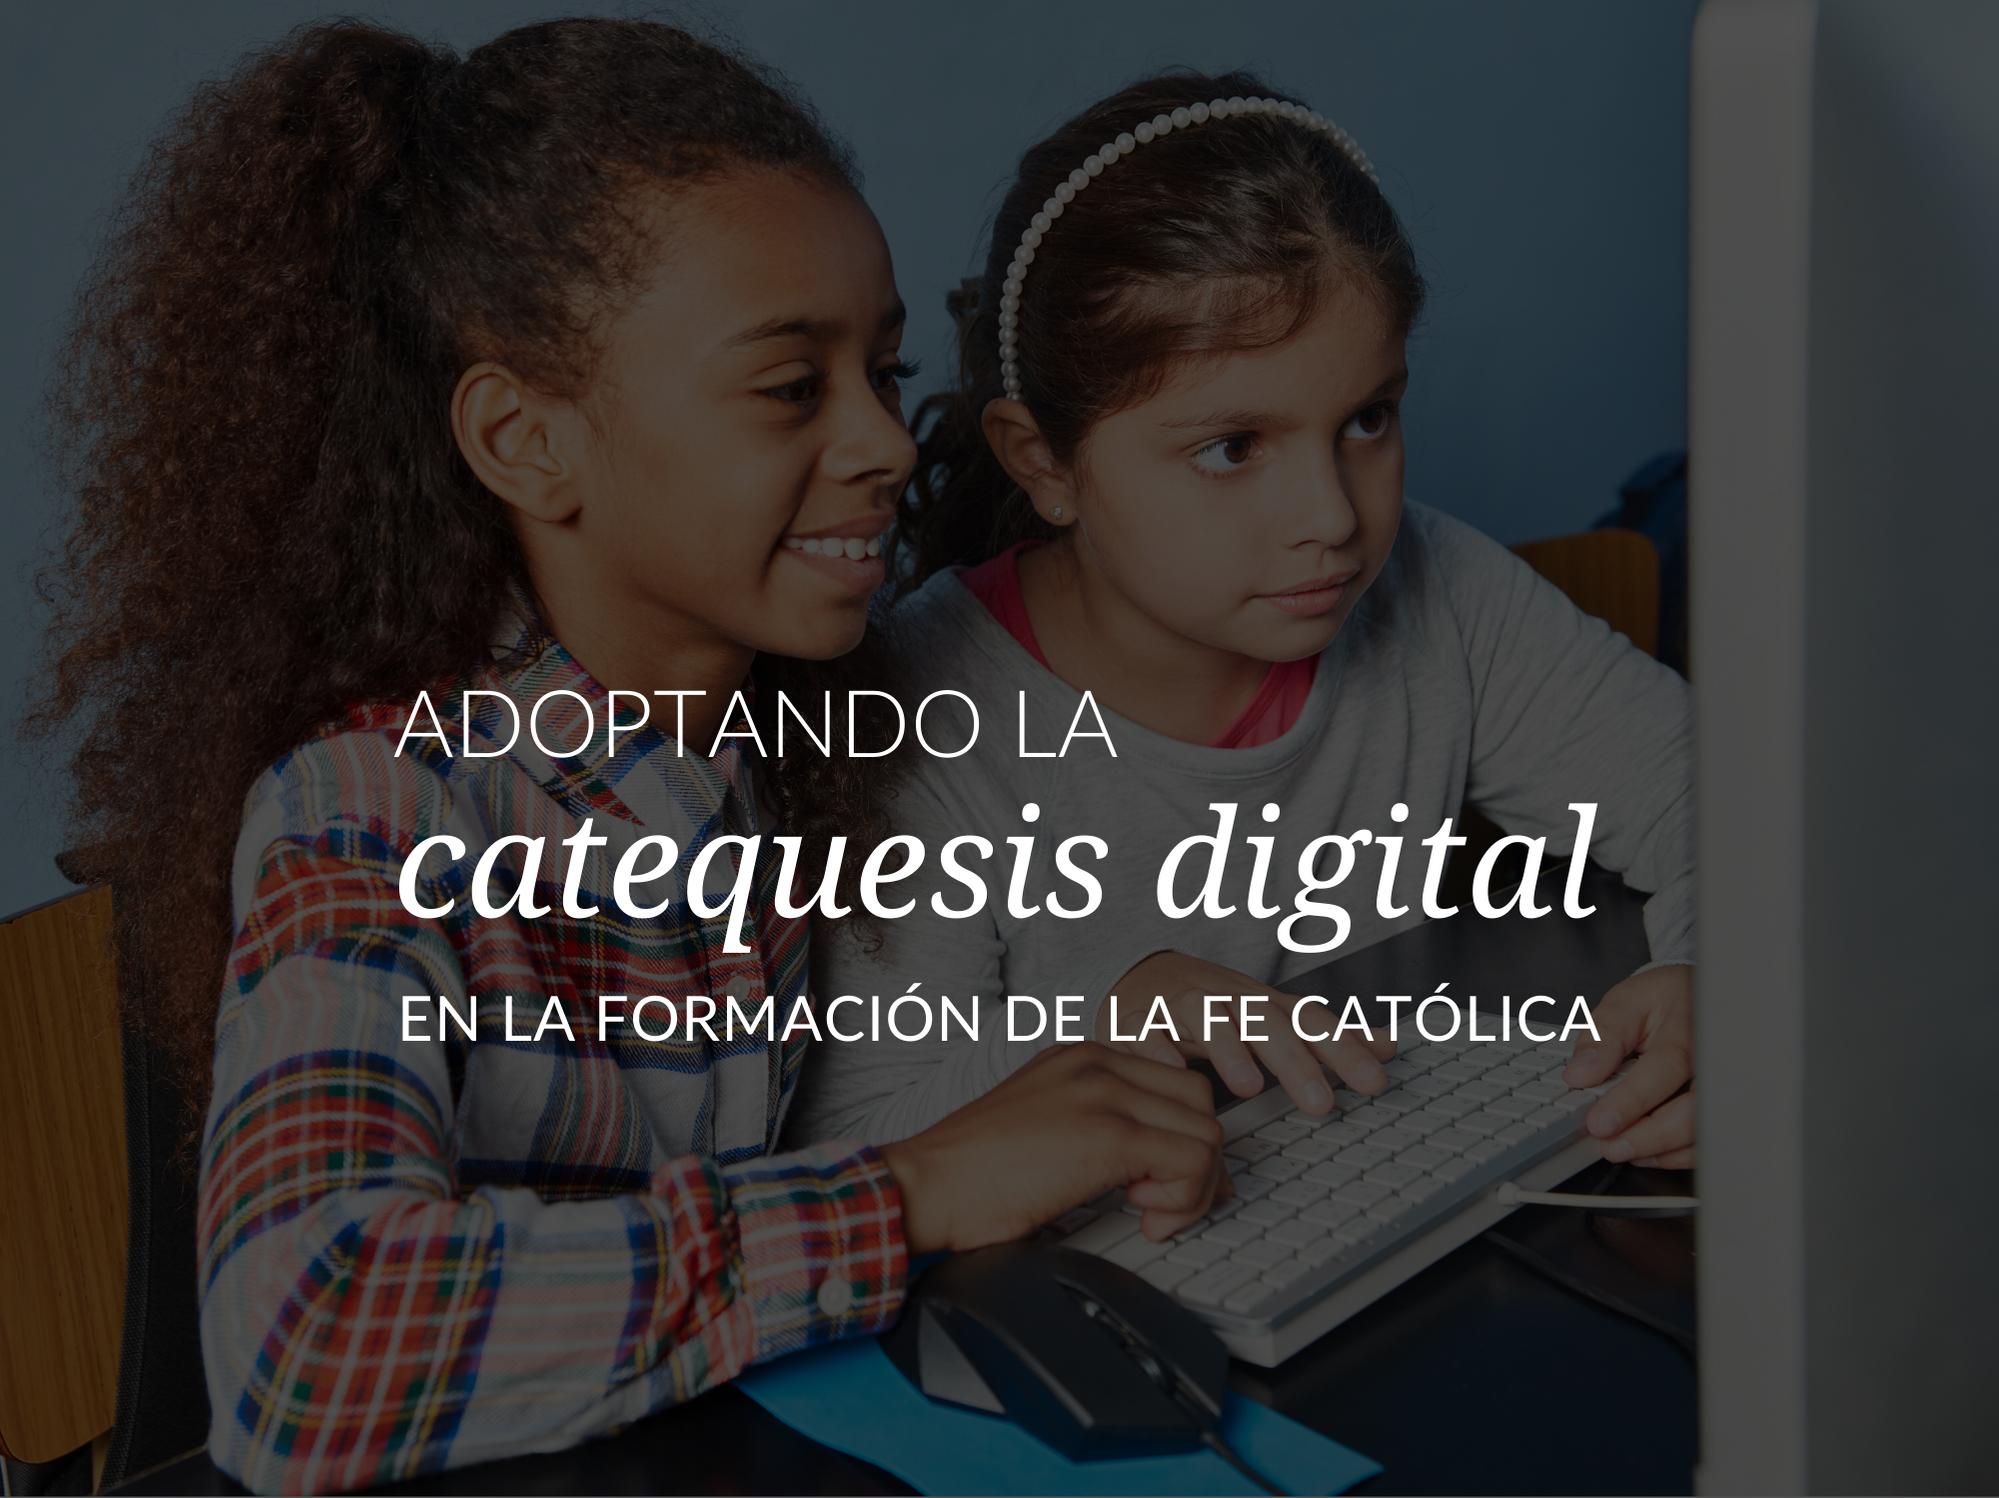 Adoptando la catequesis digital en la formación de la fe católica